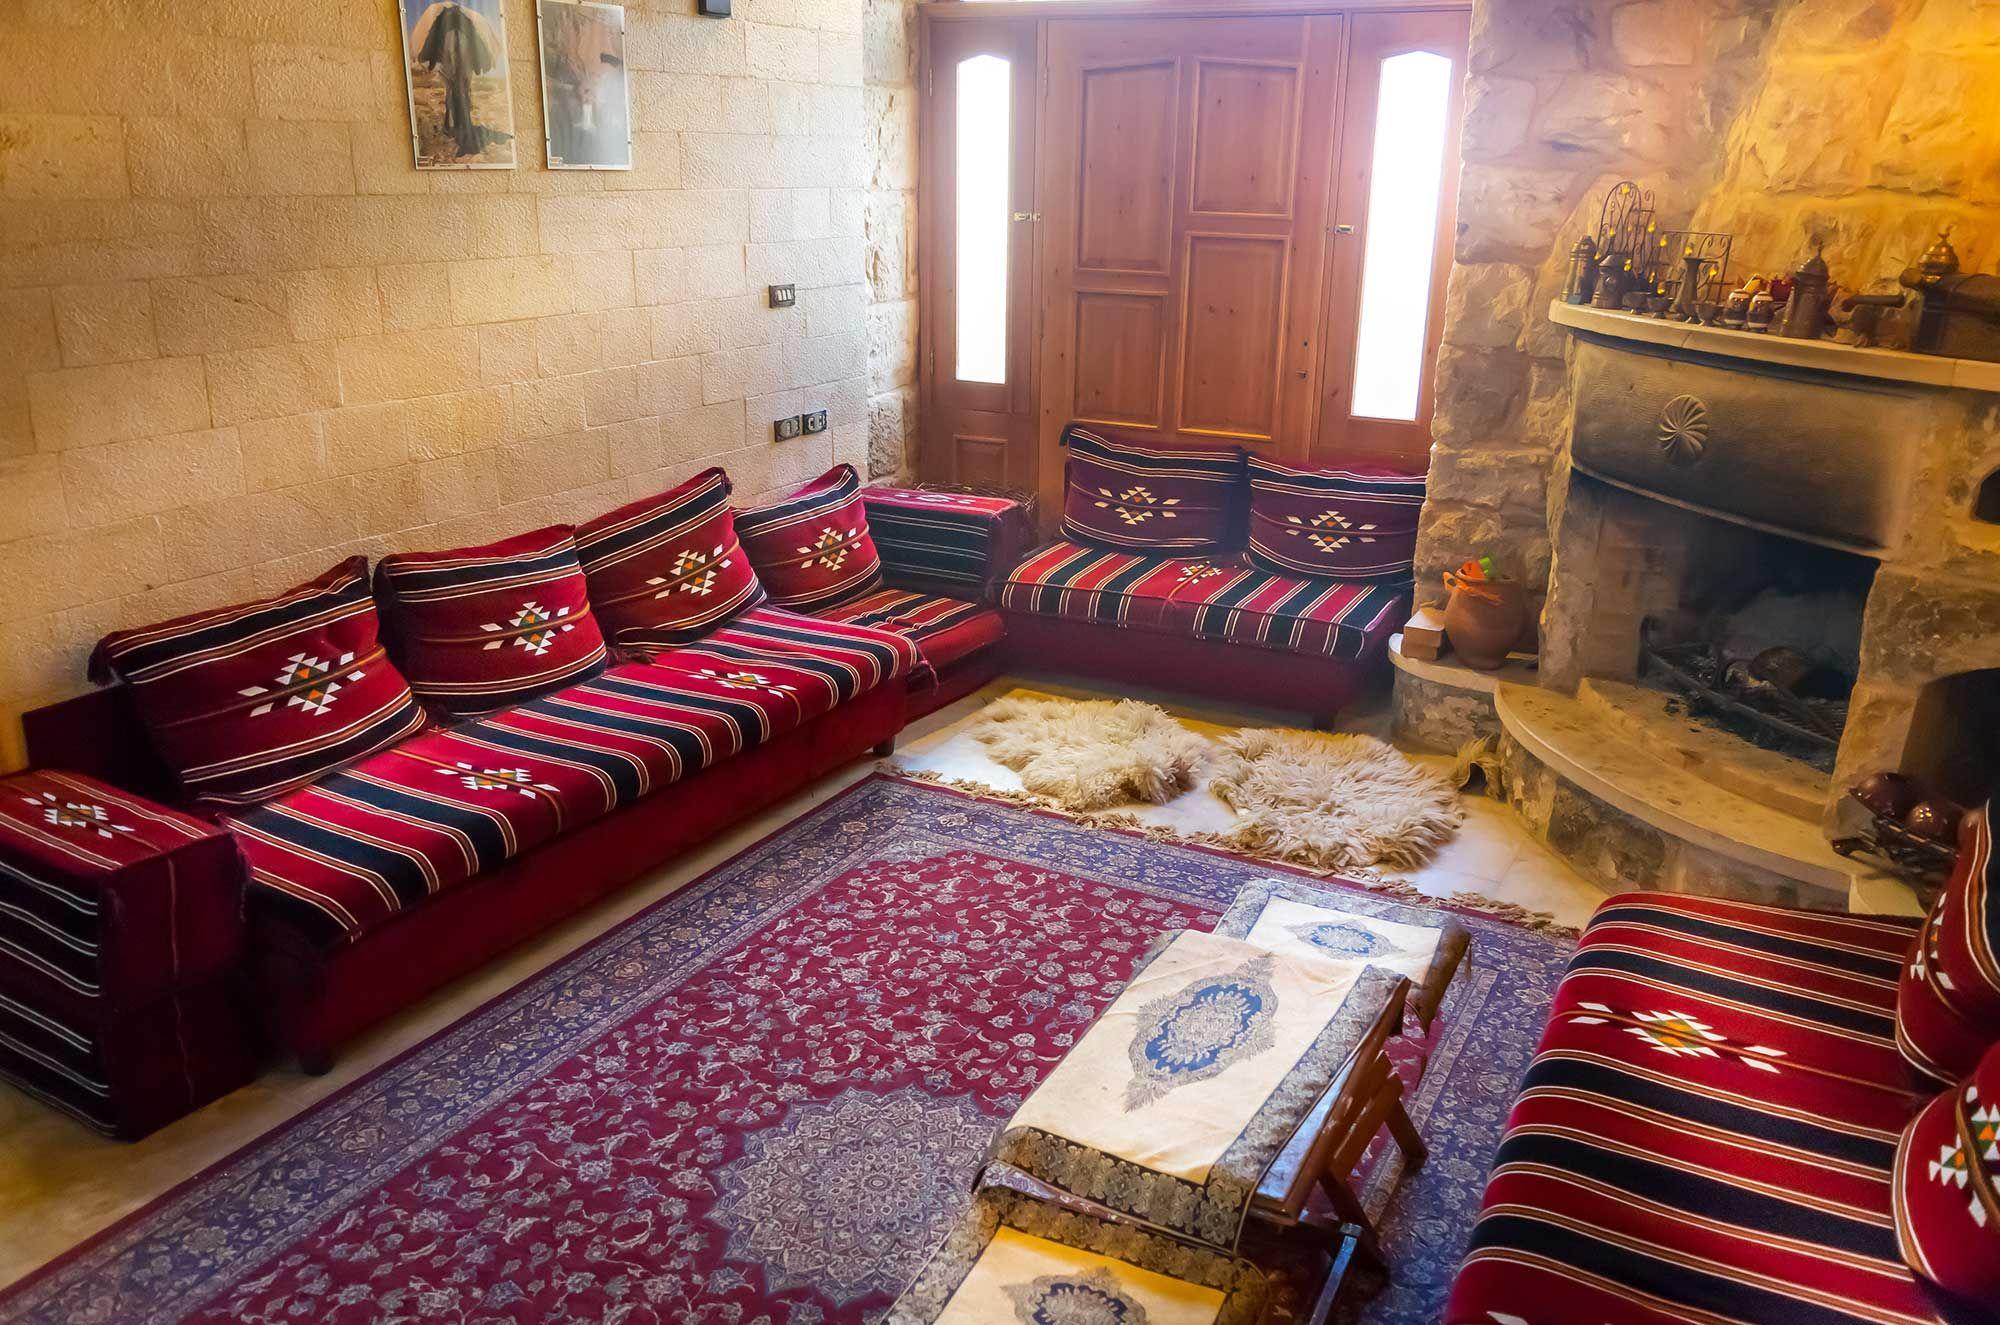 Rural Tourism In Lebanon Profile Of Inn Owner Home Decor Rural